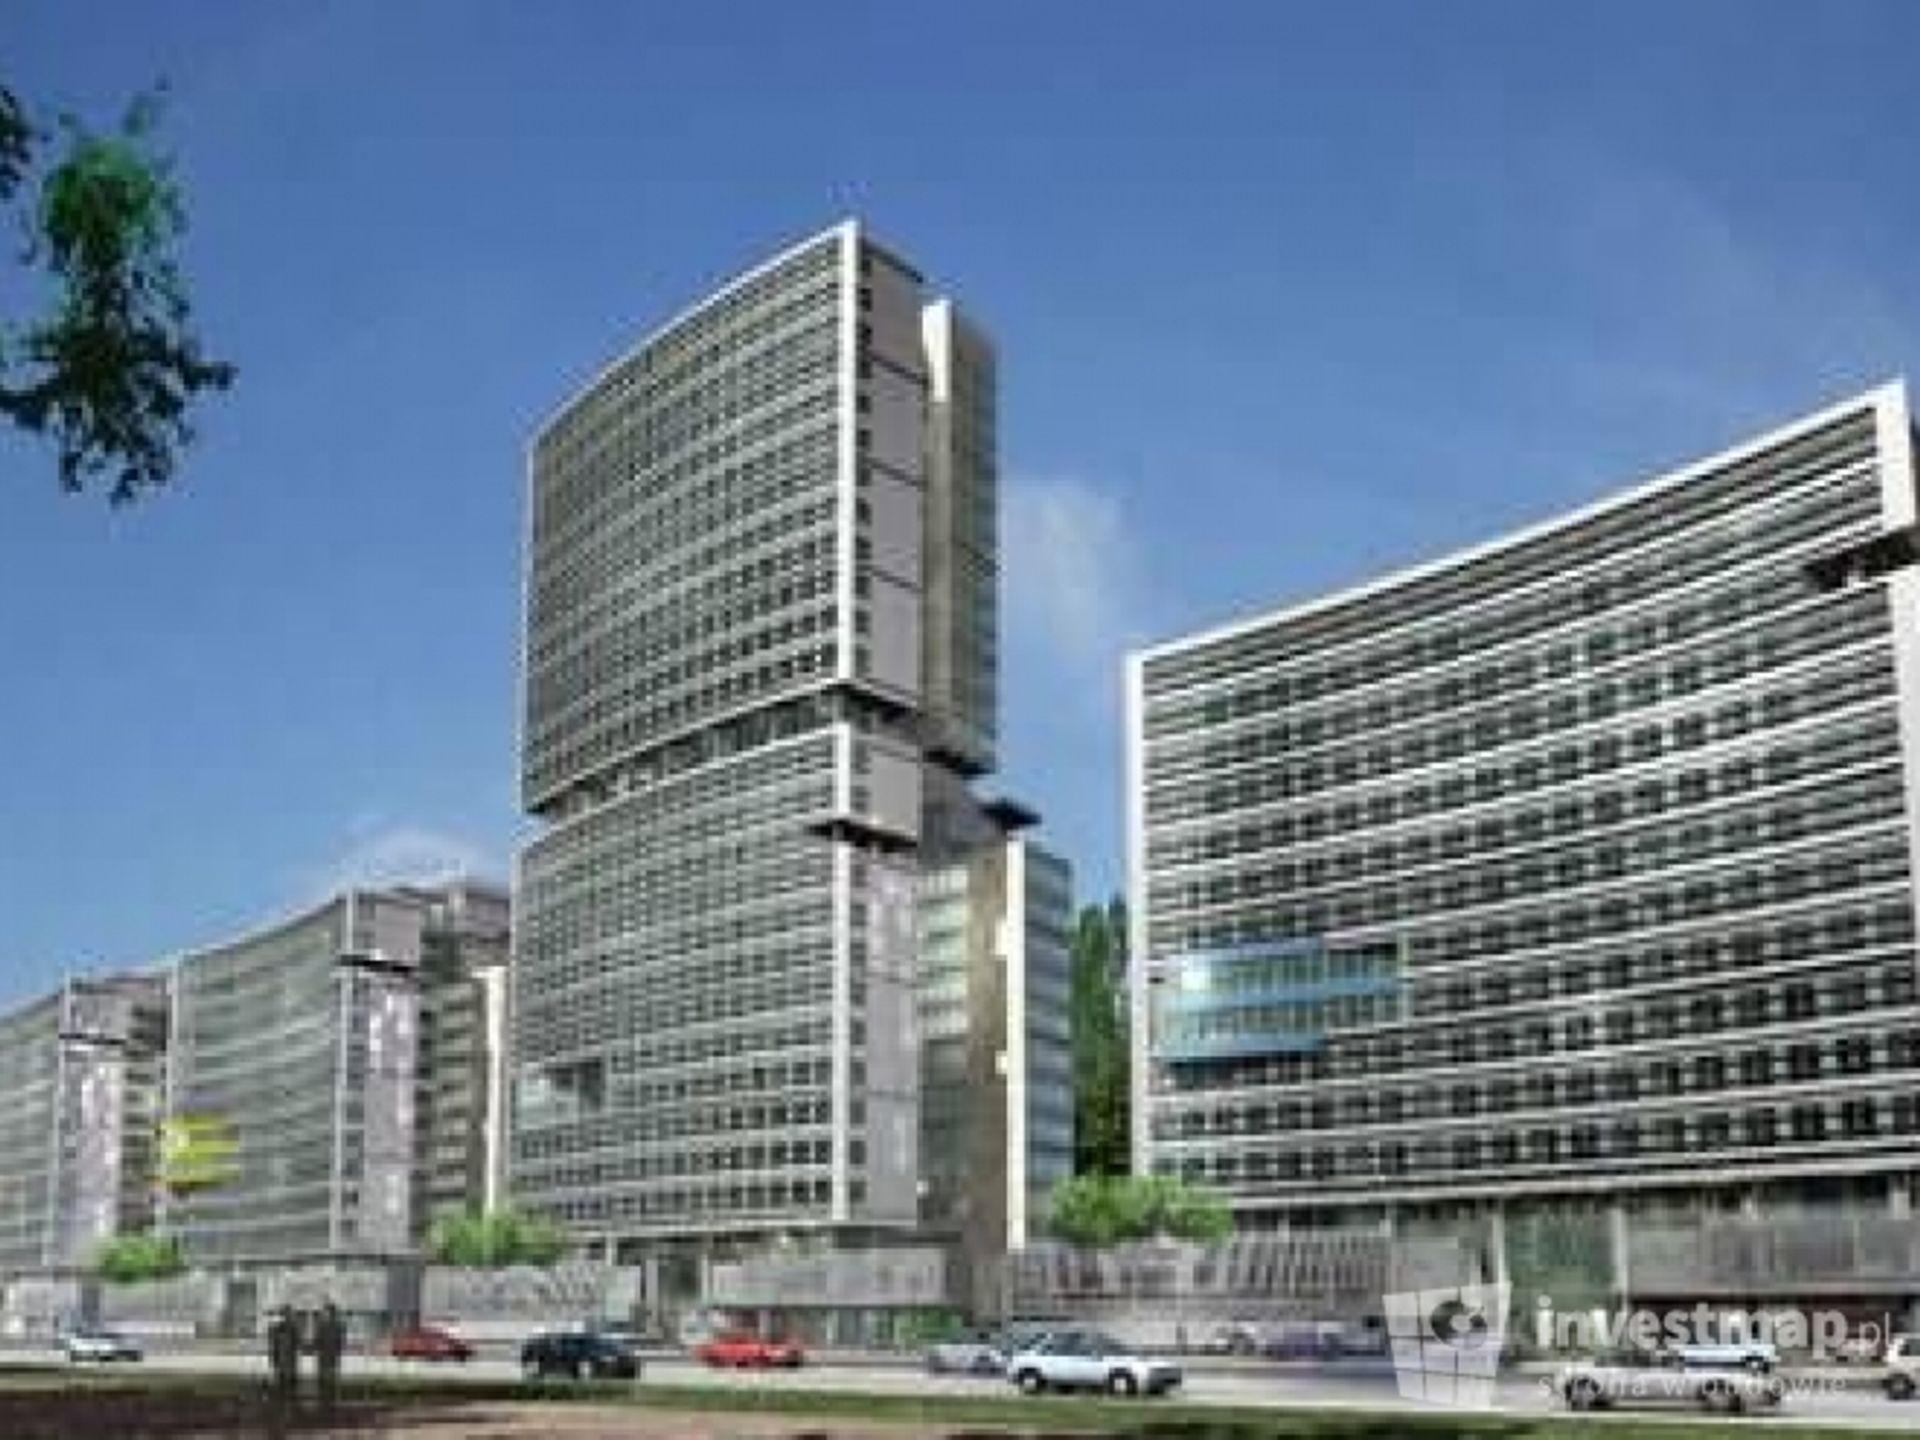 [Warszawa] Firma Adgar Poland zrefinansowała kredytowanie i planuje dalszy rozwój